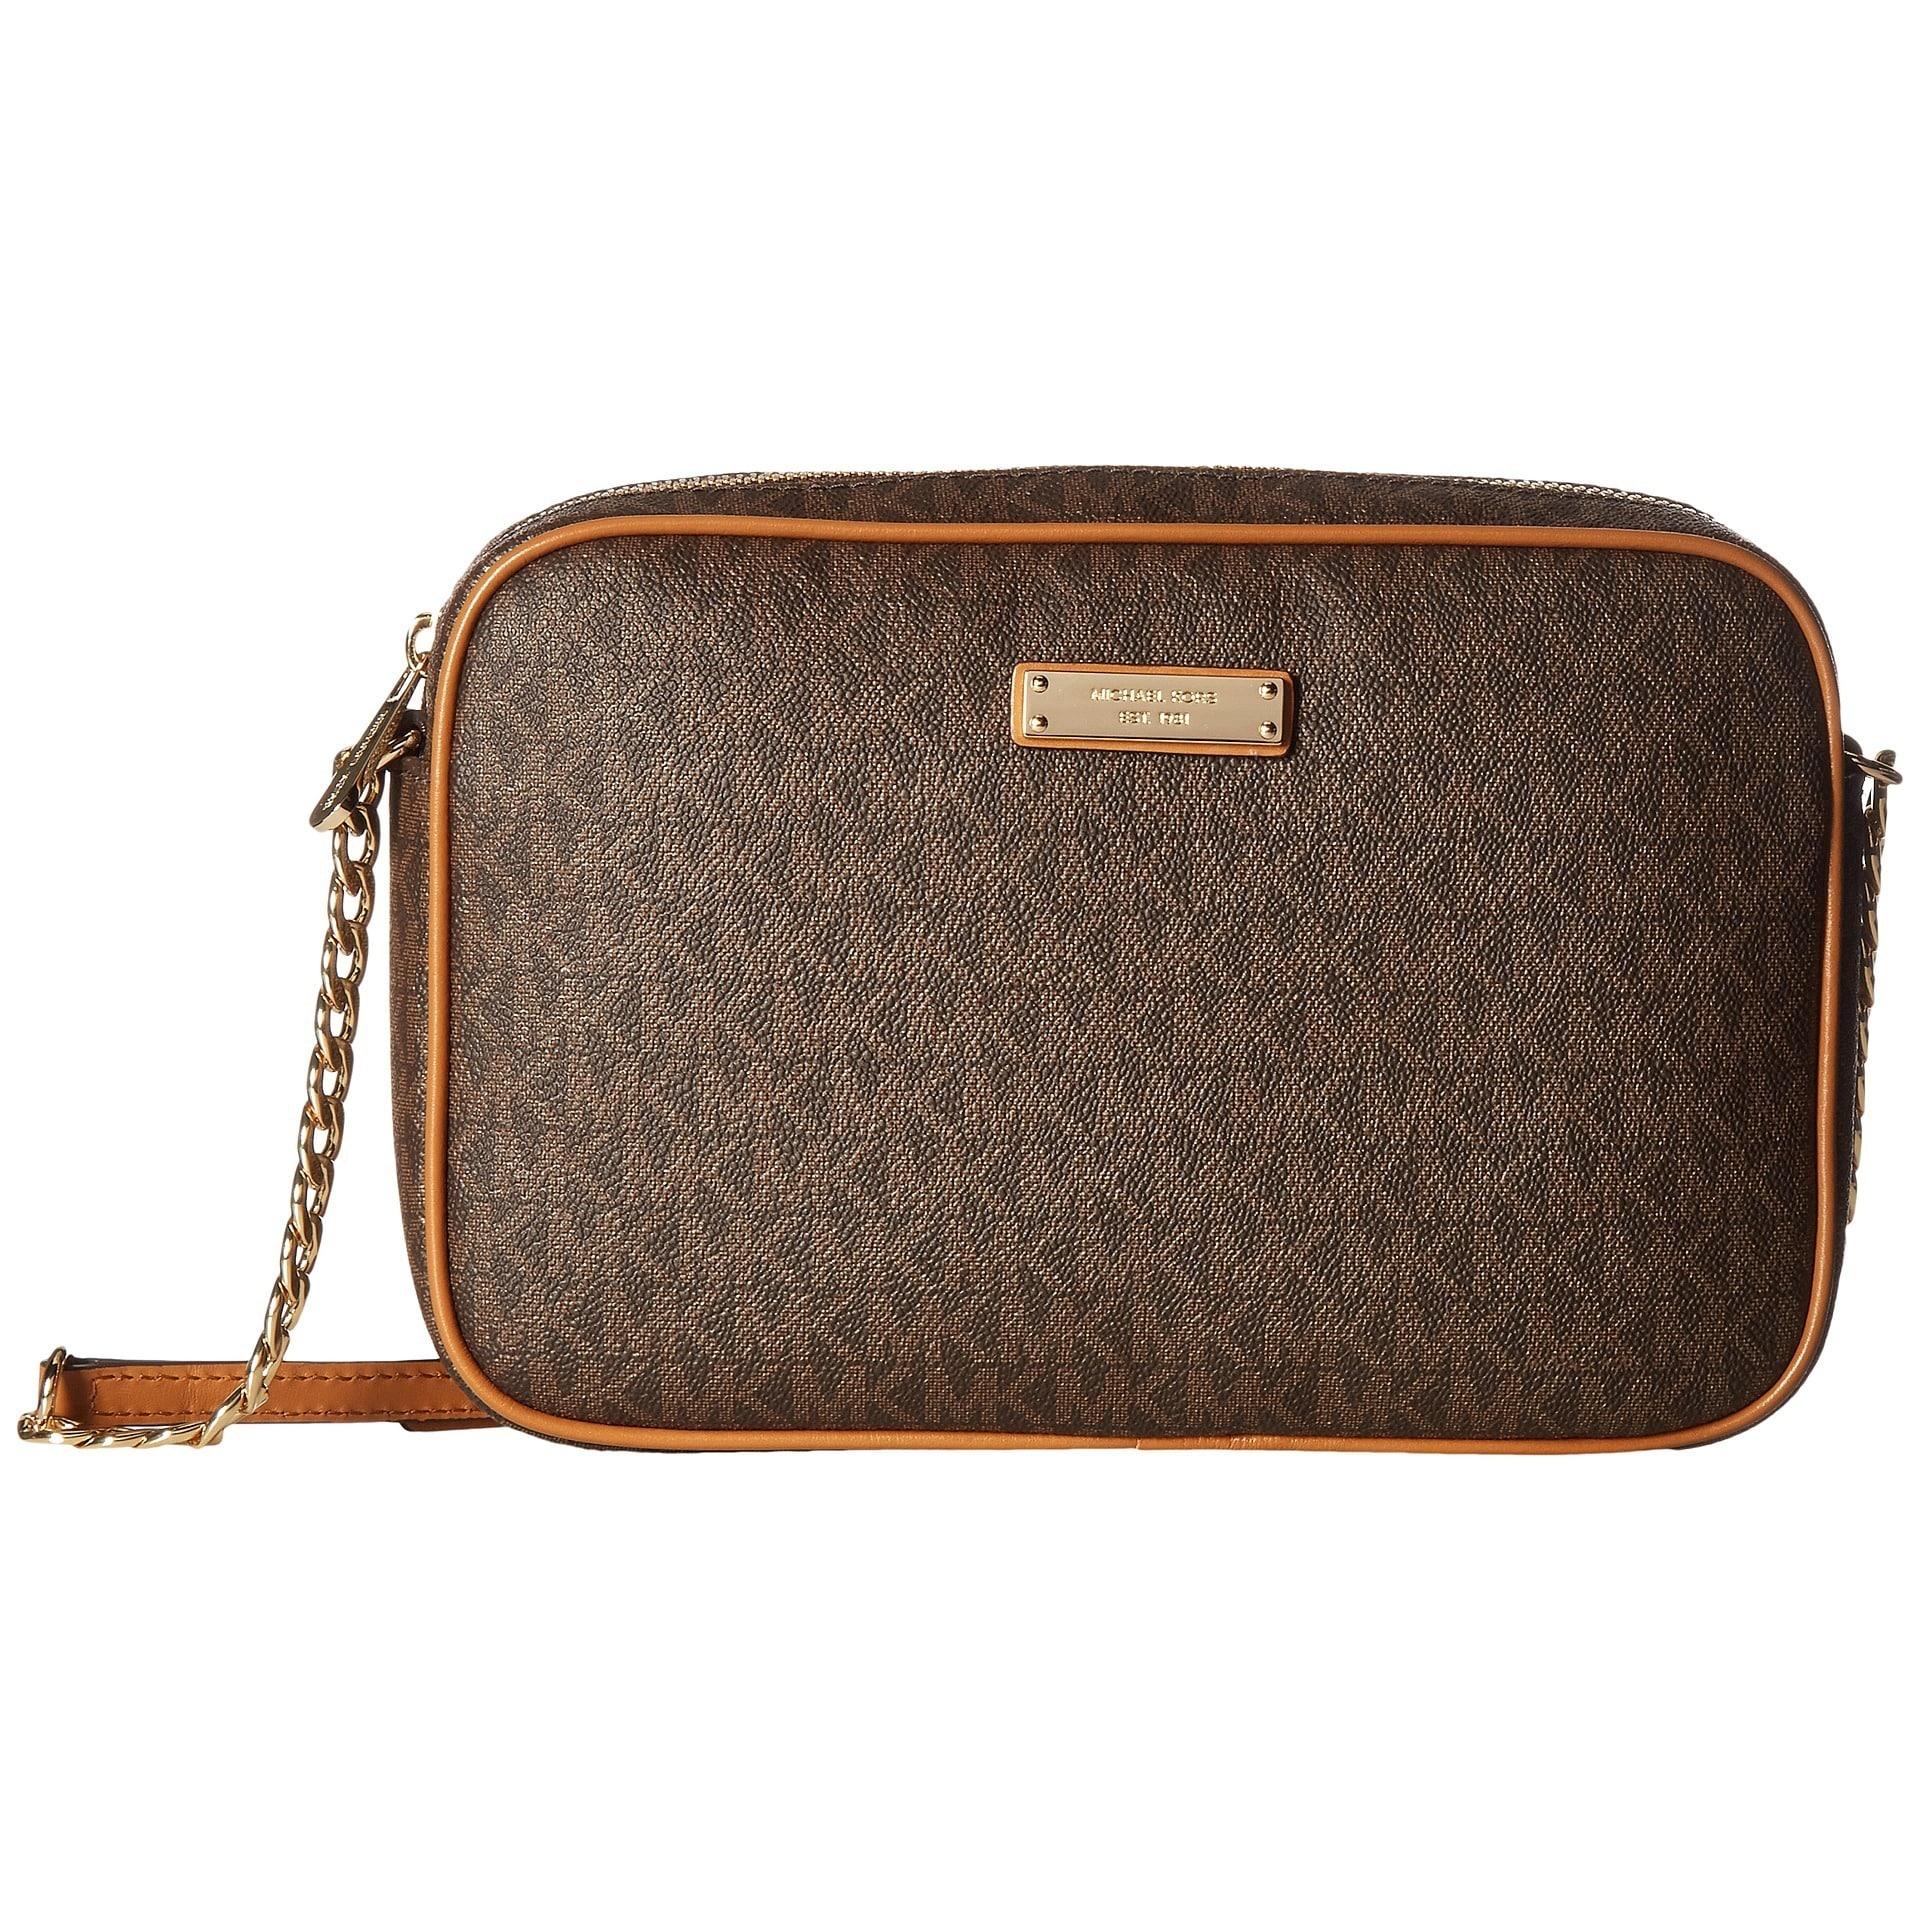 5df8d715a33ee PVC Designer Handbags